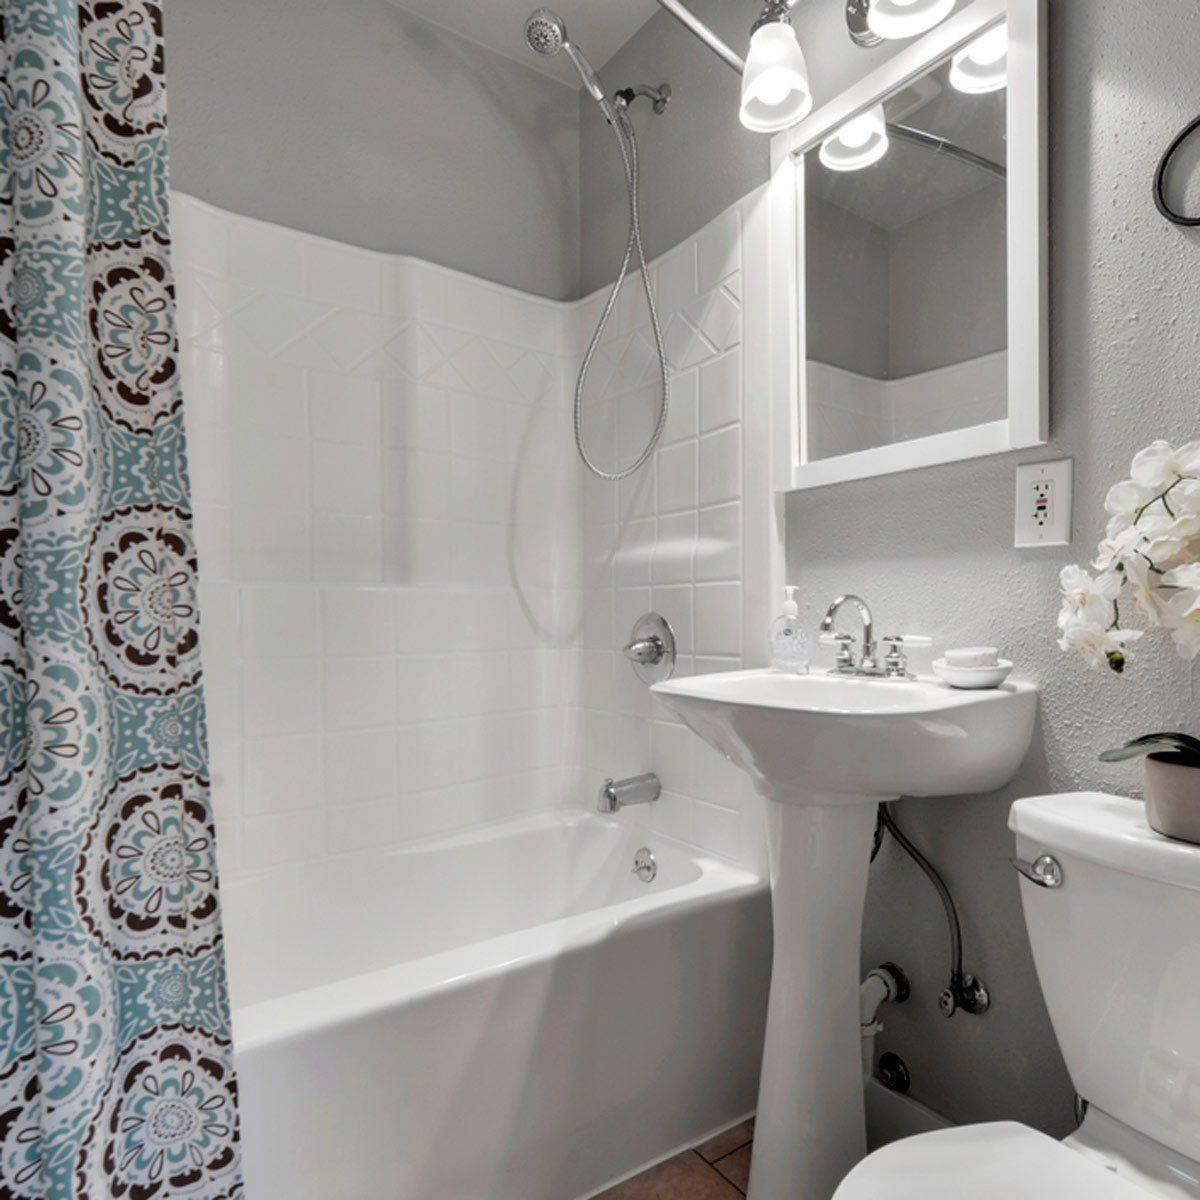 Clean, white bathroom